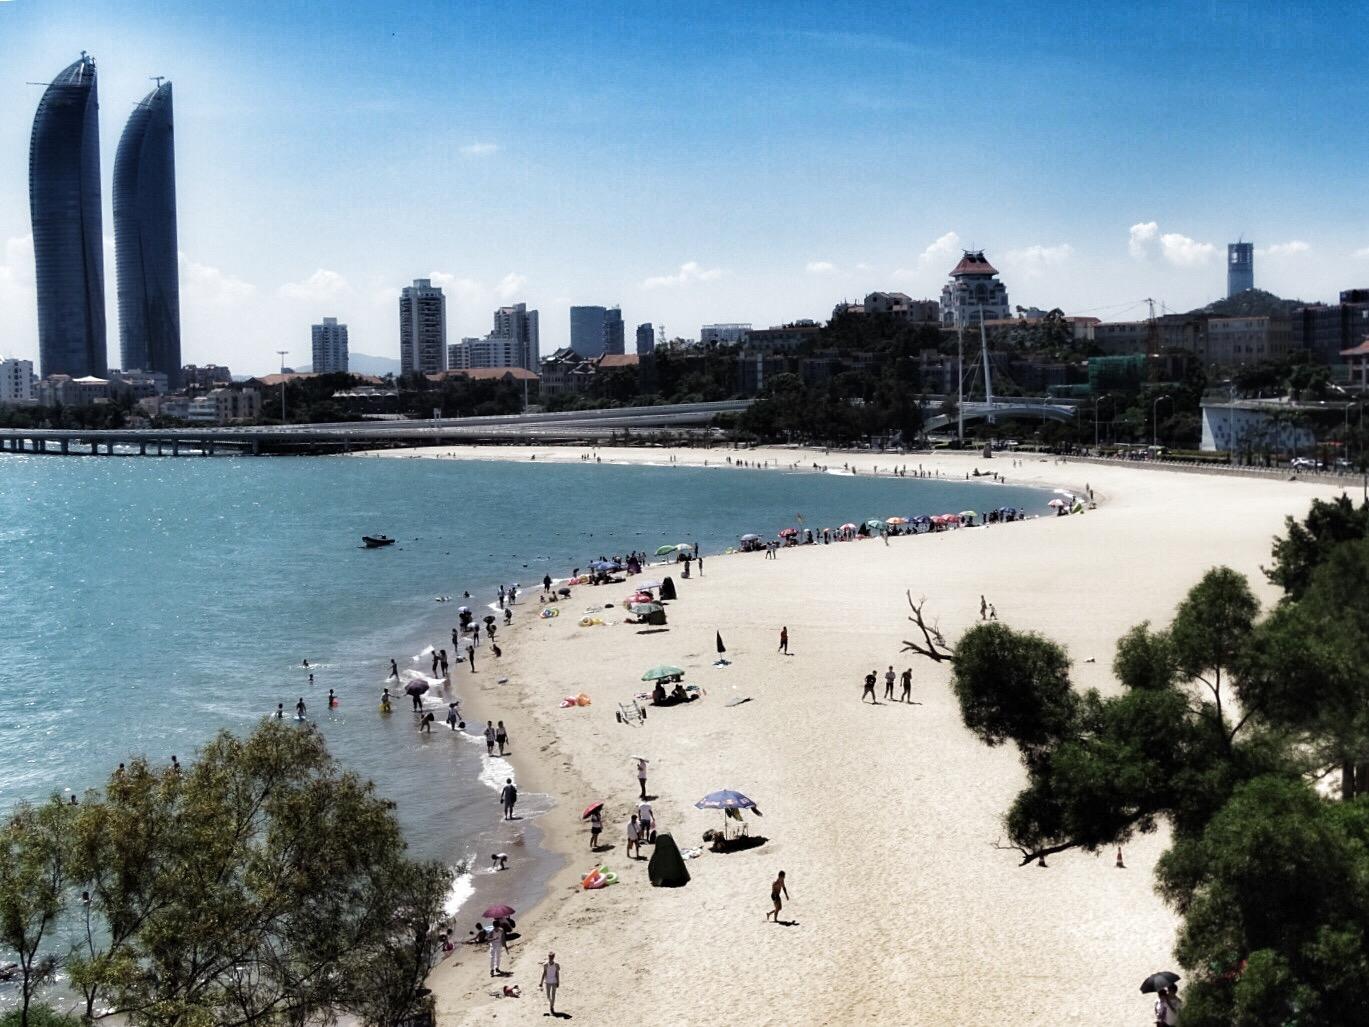 Bai Cheng strand xiamen china